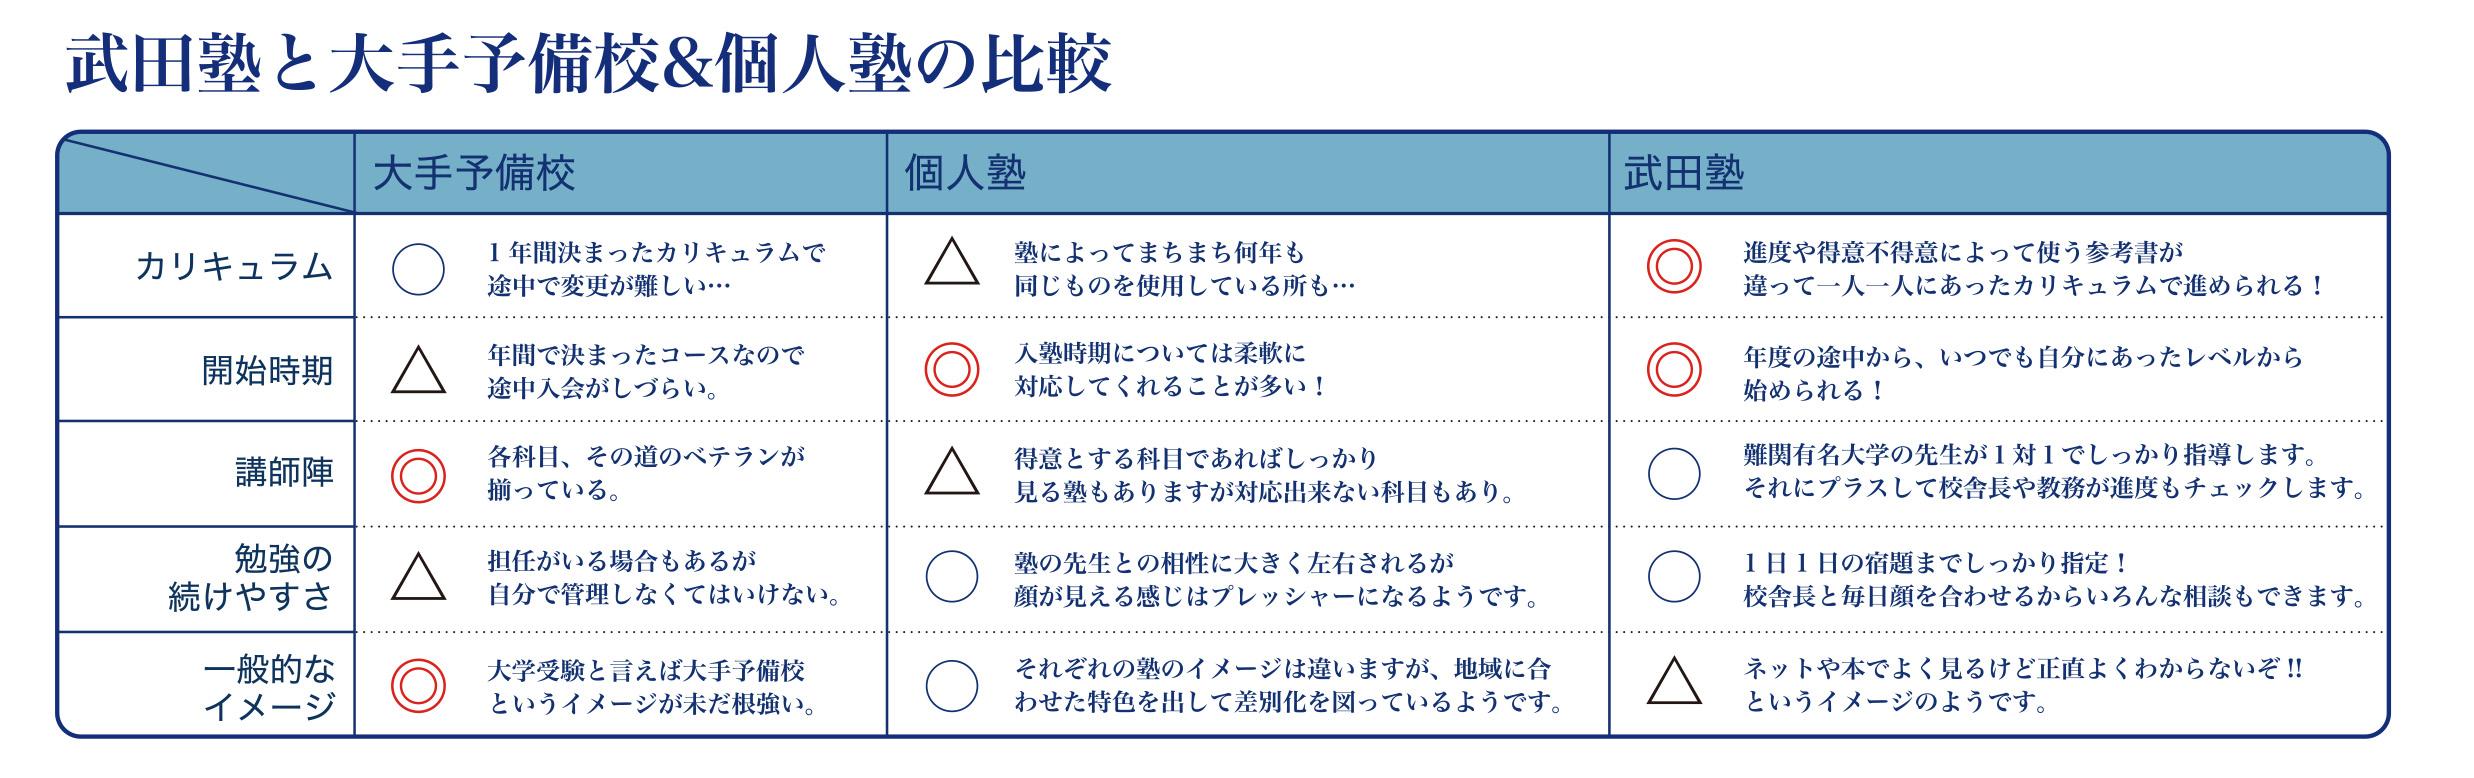 武田塾と大手予備校&個人塾の比較